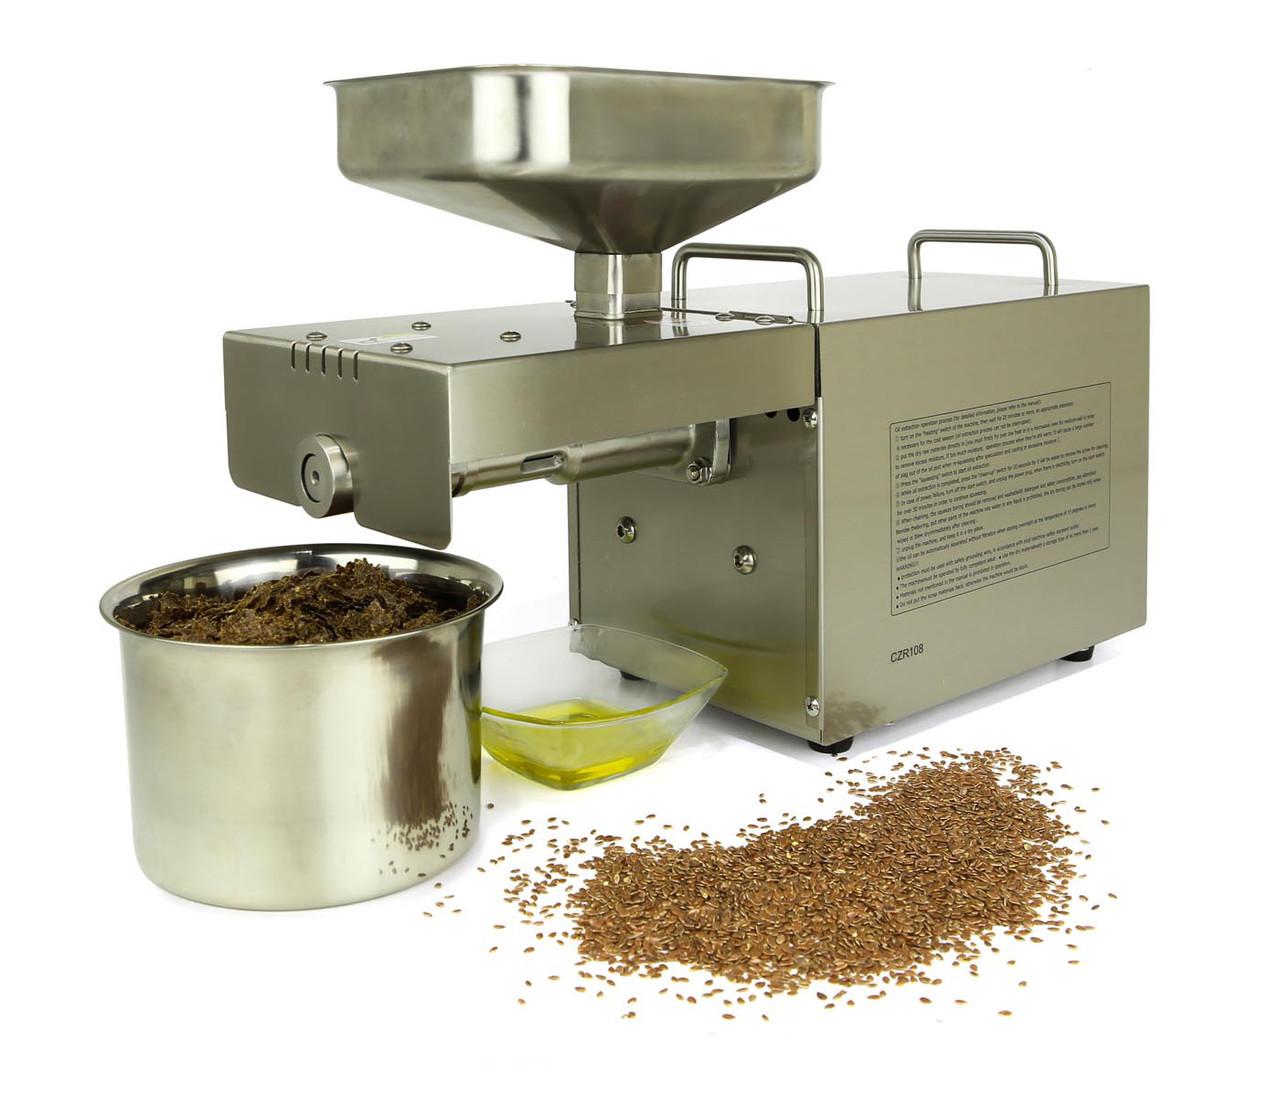 AKITA Jp AKJP 400 шнековый электрический мини маслопресс для холодного горячего отжима масла